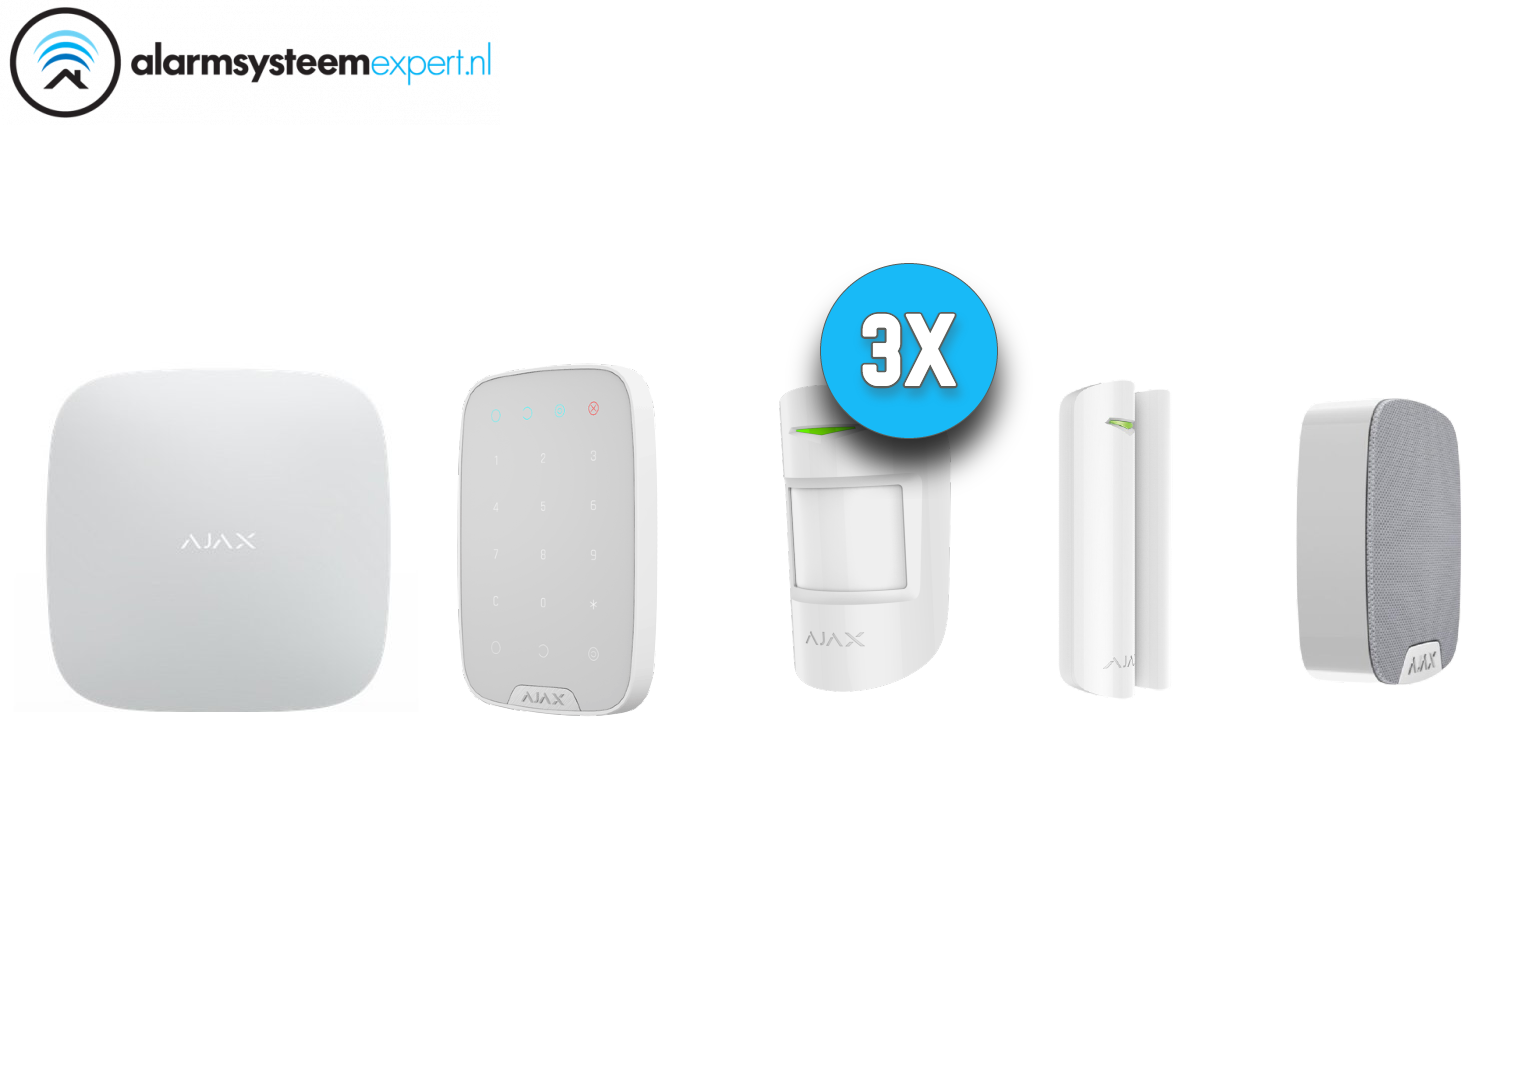 El kit del sistema de alarma Ajax se puede utilizar como base para el sistema de seguridad inalámbrico Ajax.